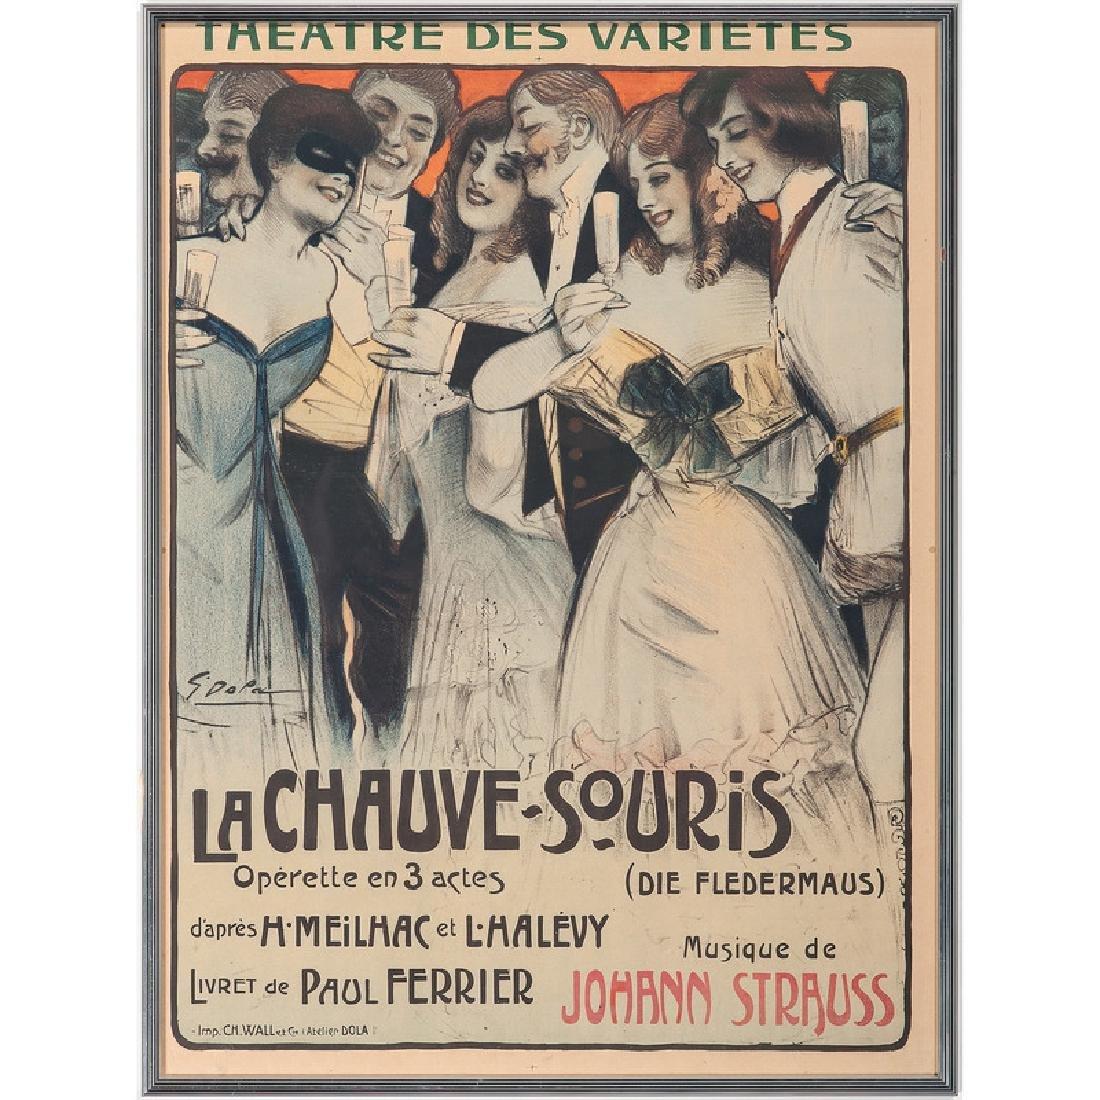 La Chauve-Sourise, Lithograph Poster by Georges Dola